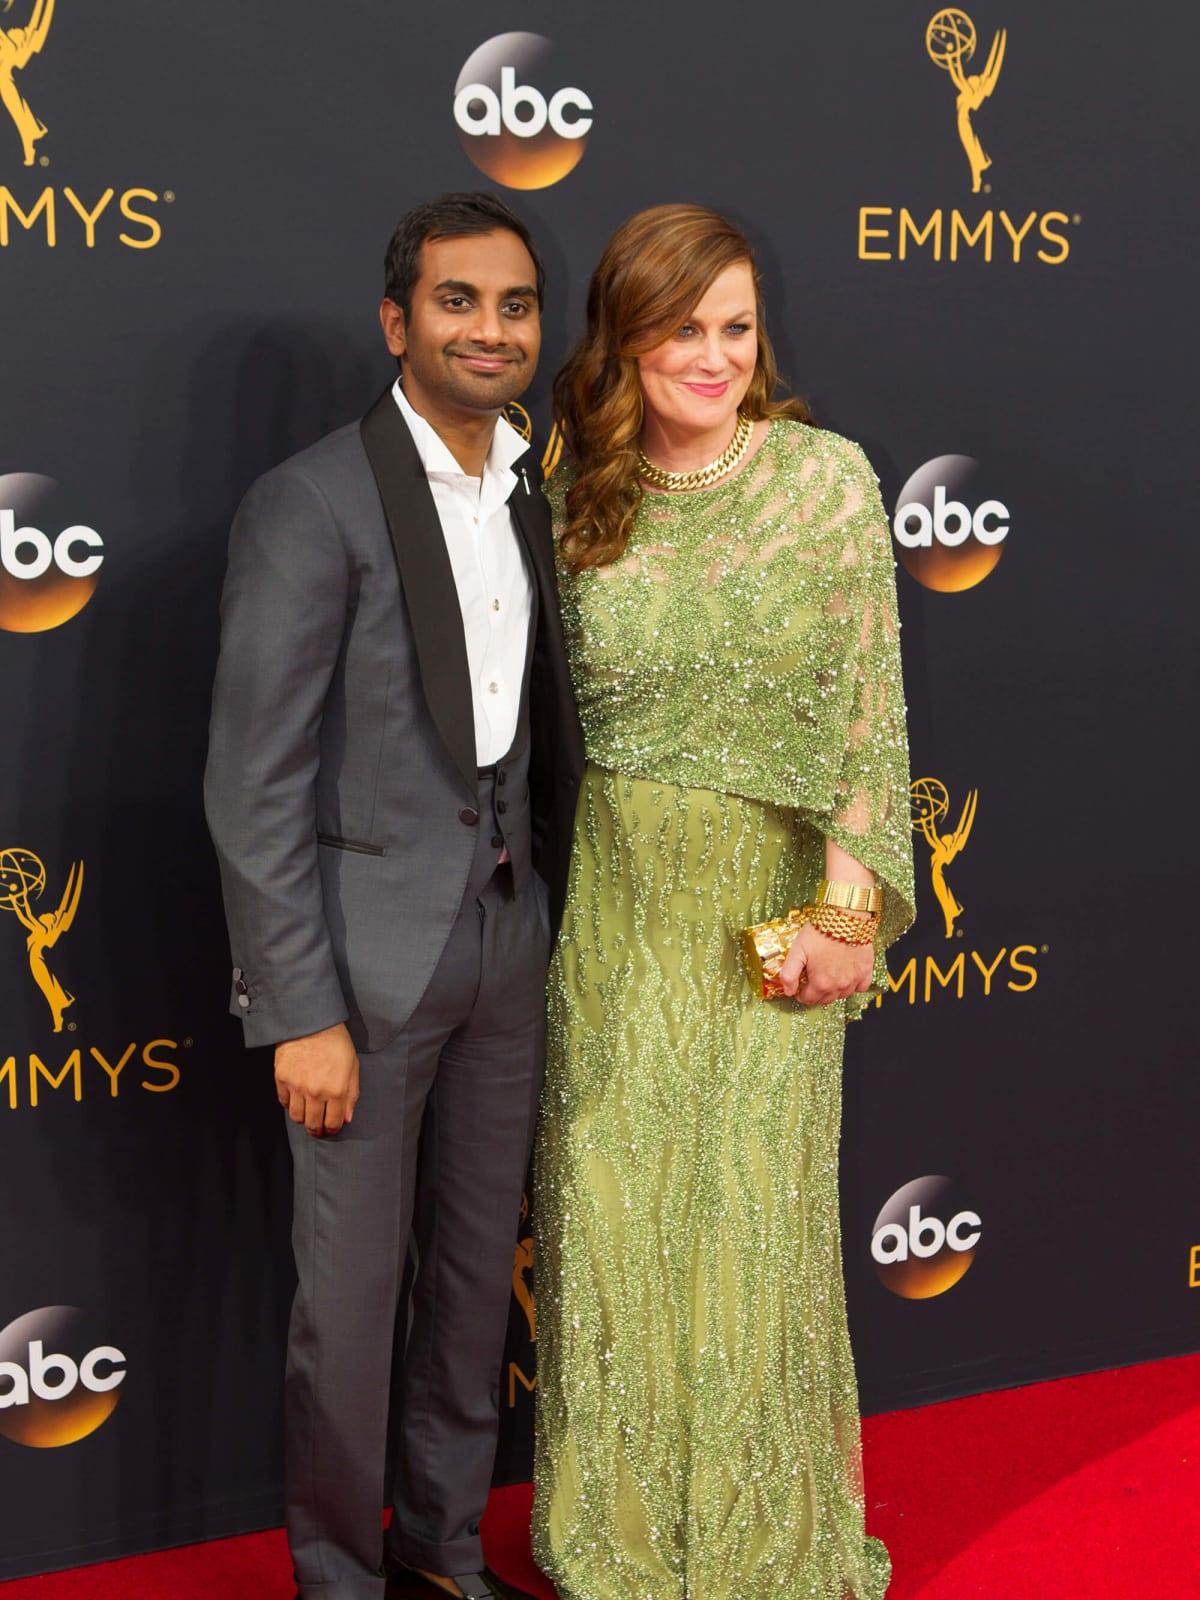 Aziz Ansari and Amy Poehler at Emmy Awards